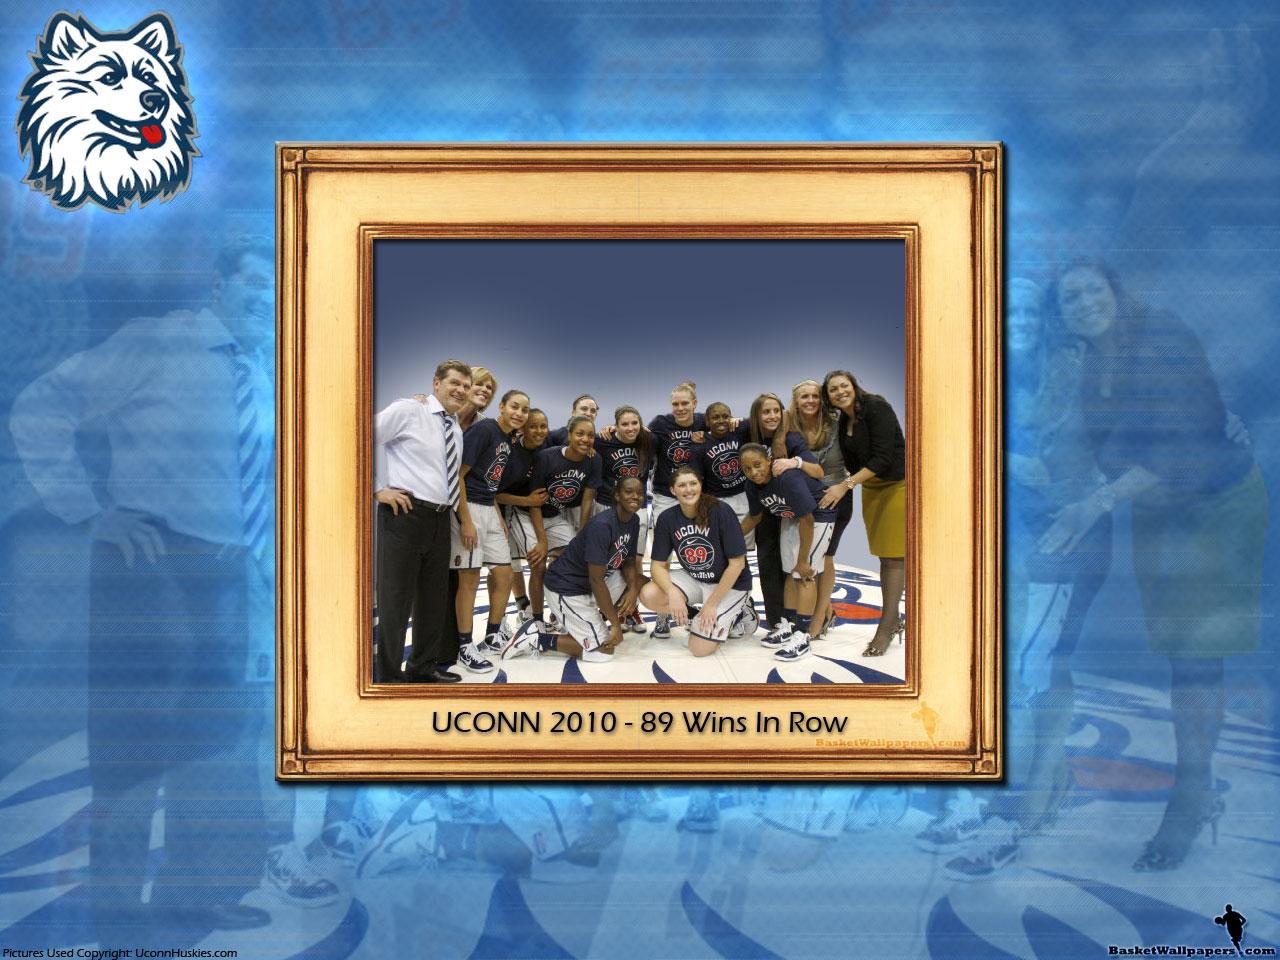 Uconn Iphone Wallpaper Uconn Huskies Women 89 Wins In Row Wallpaper Basketball